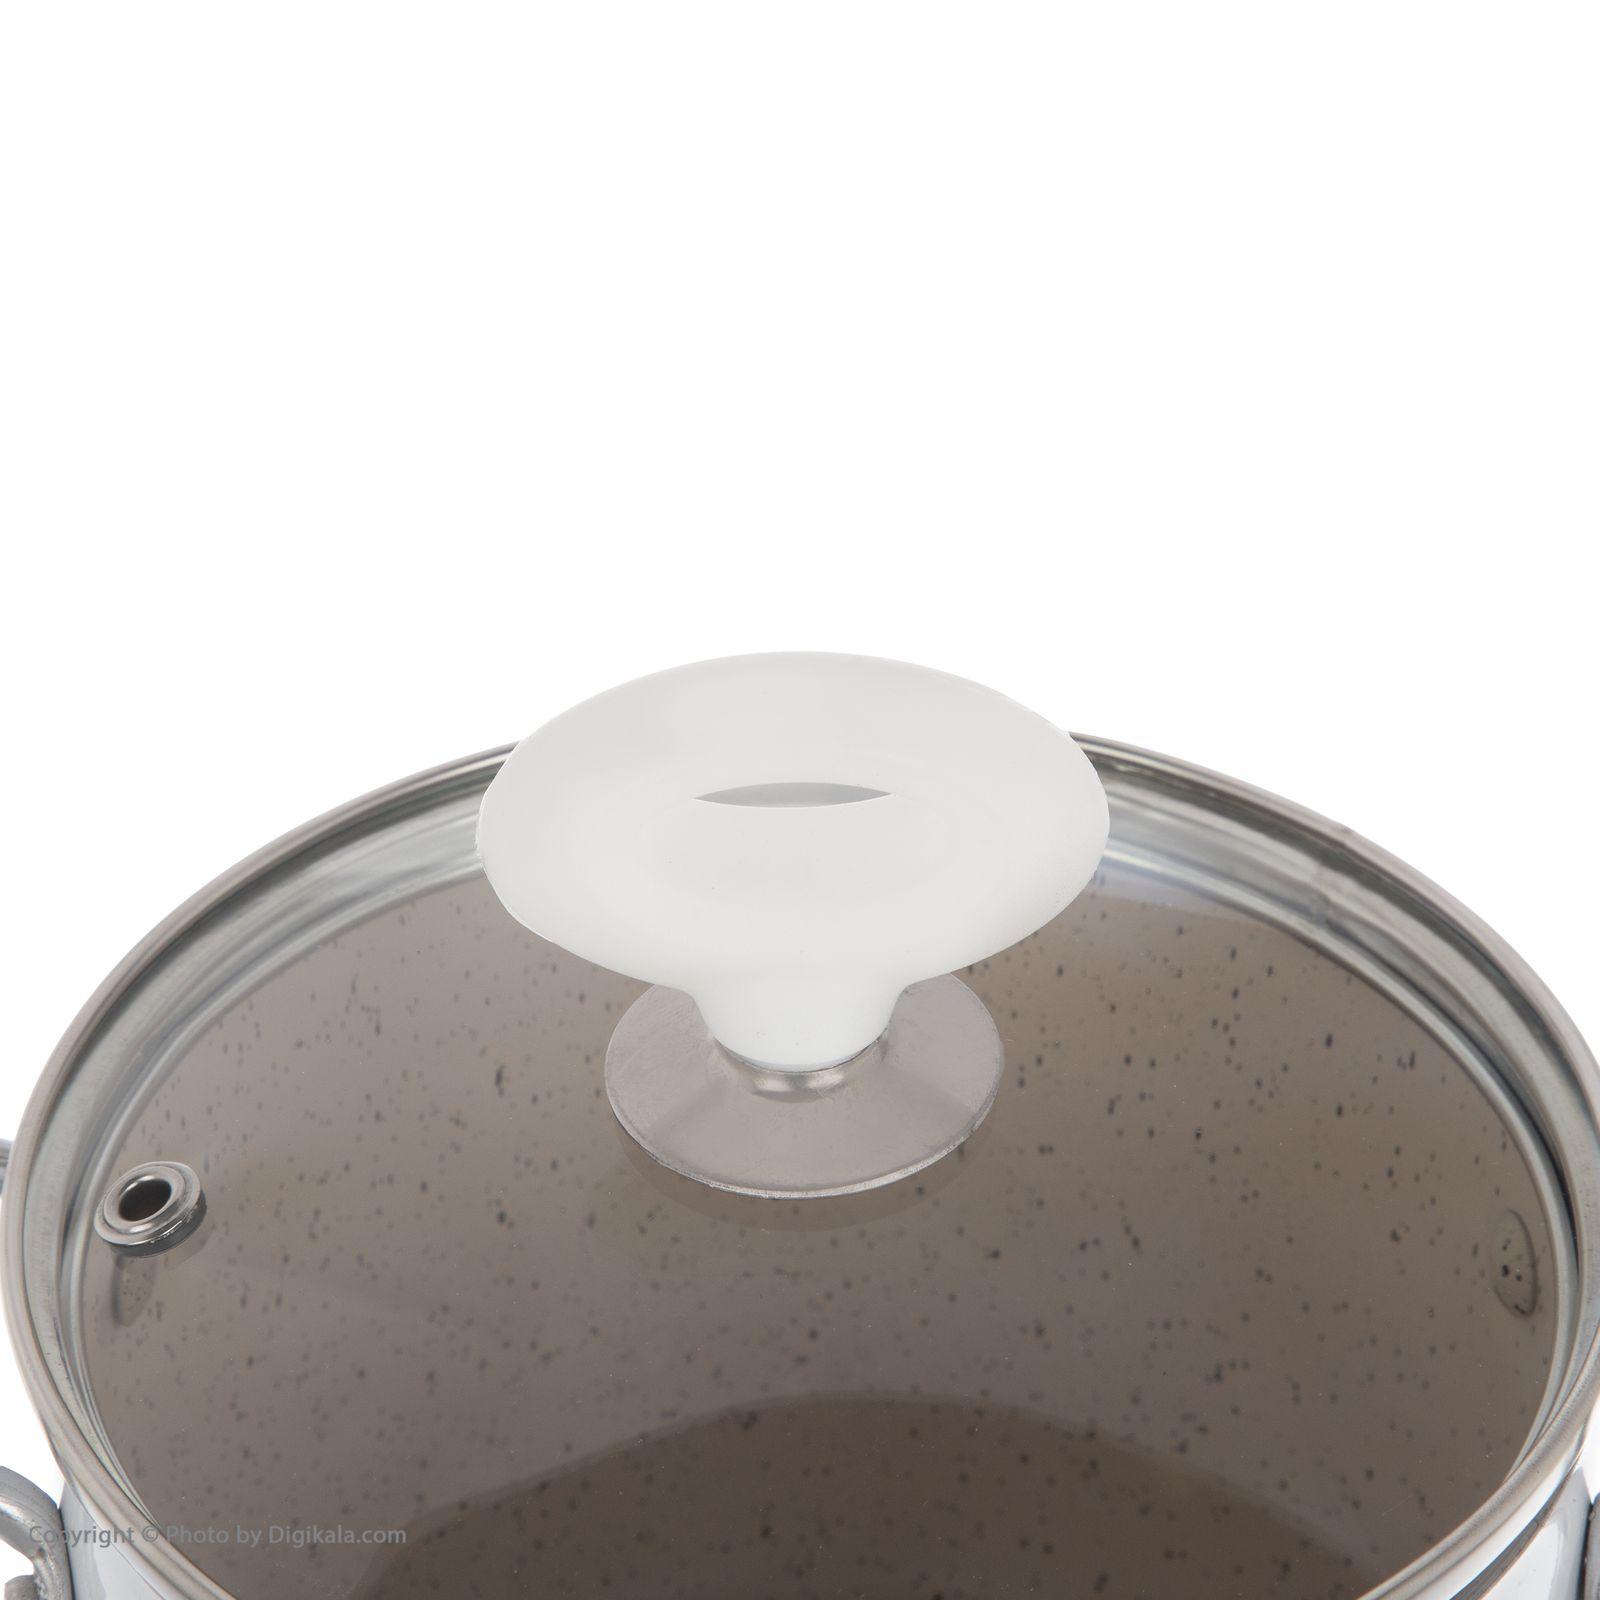 سرویس پخت و پز 4 پارچه نالینو مدل K172 main 1 9